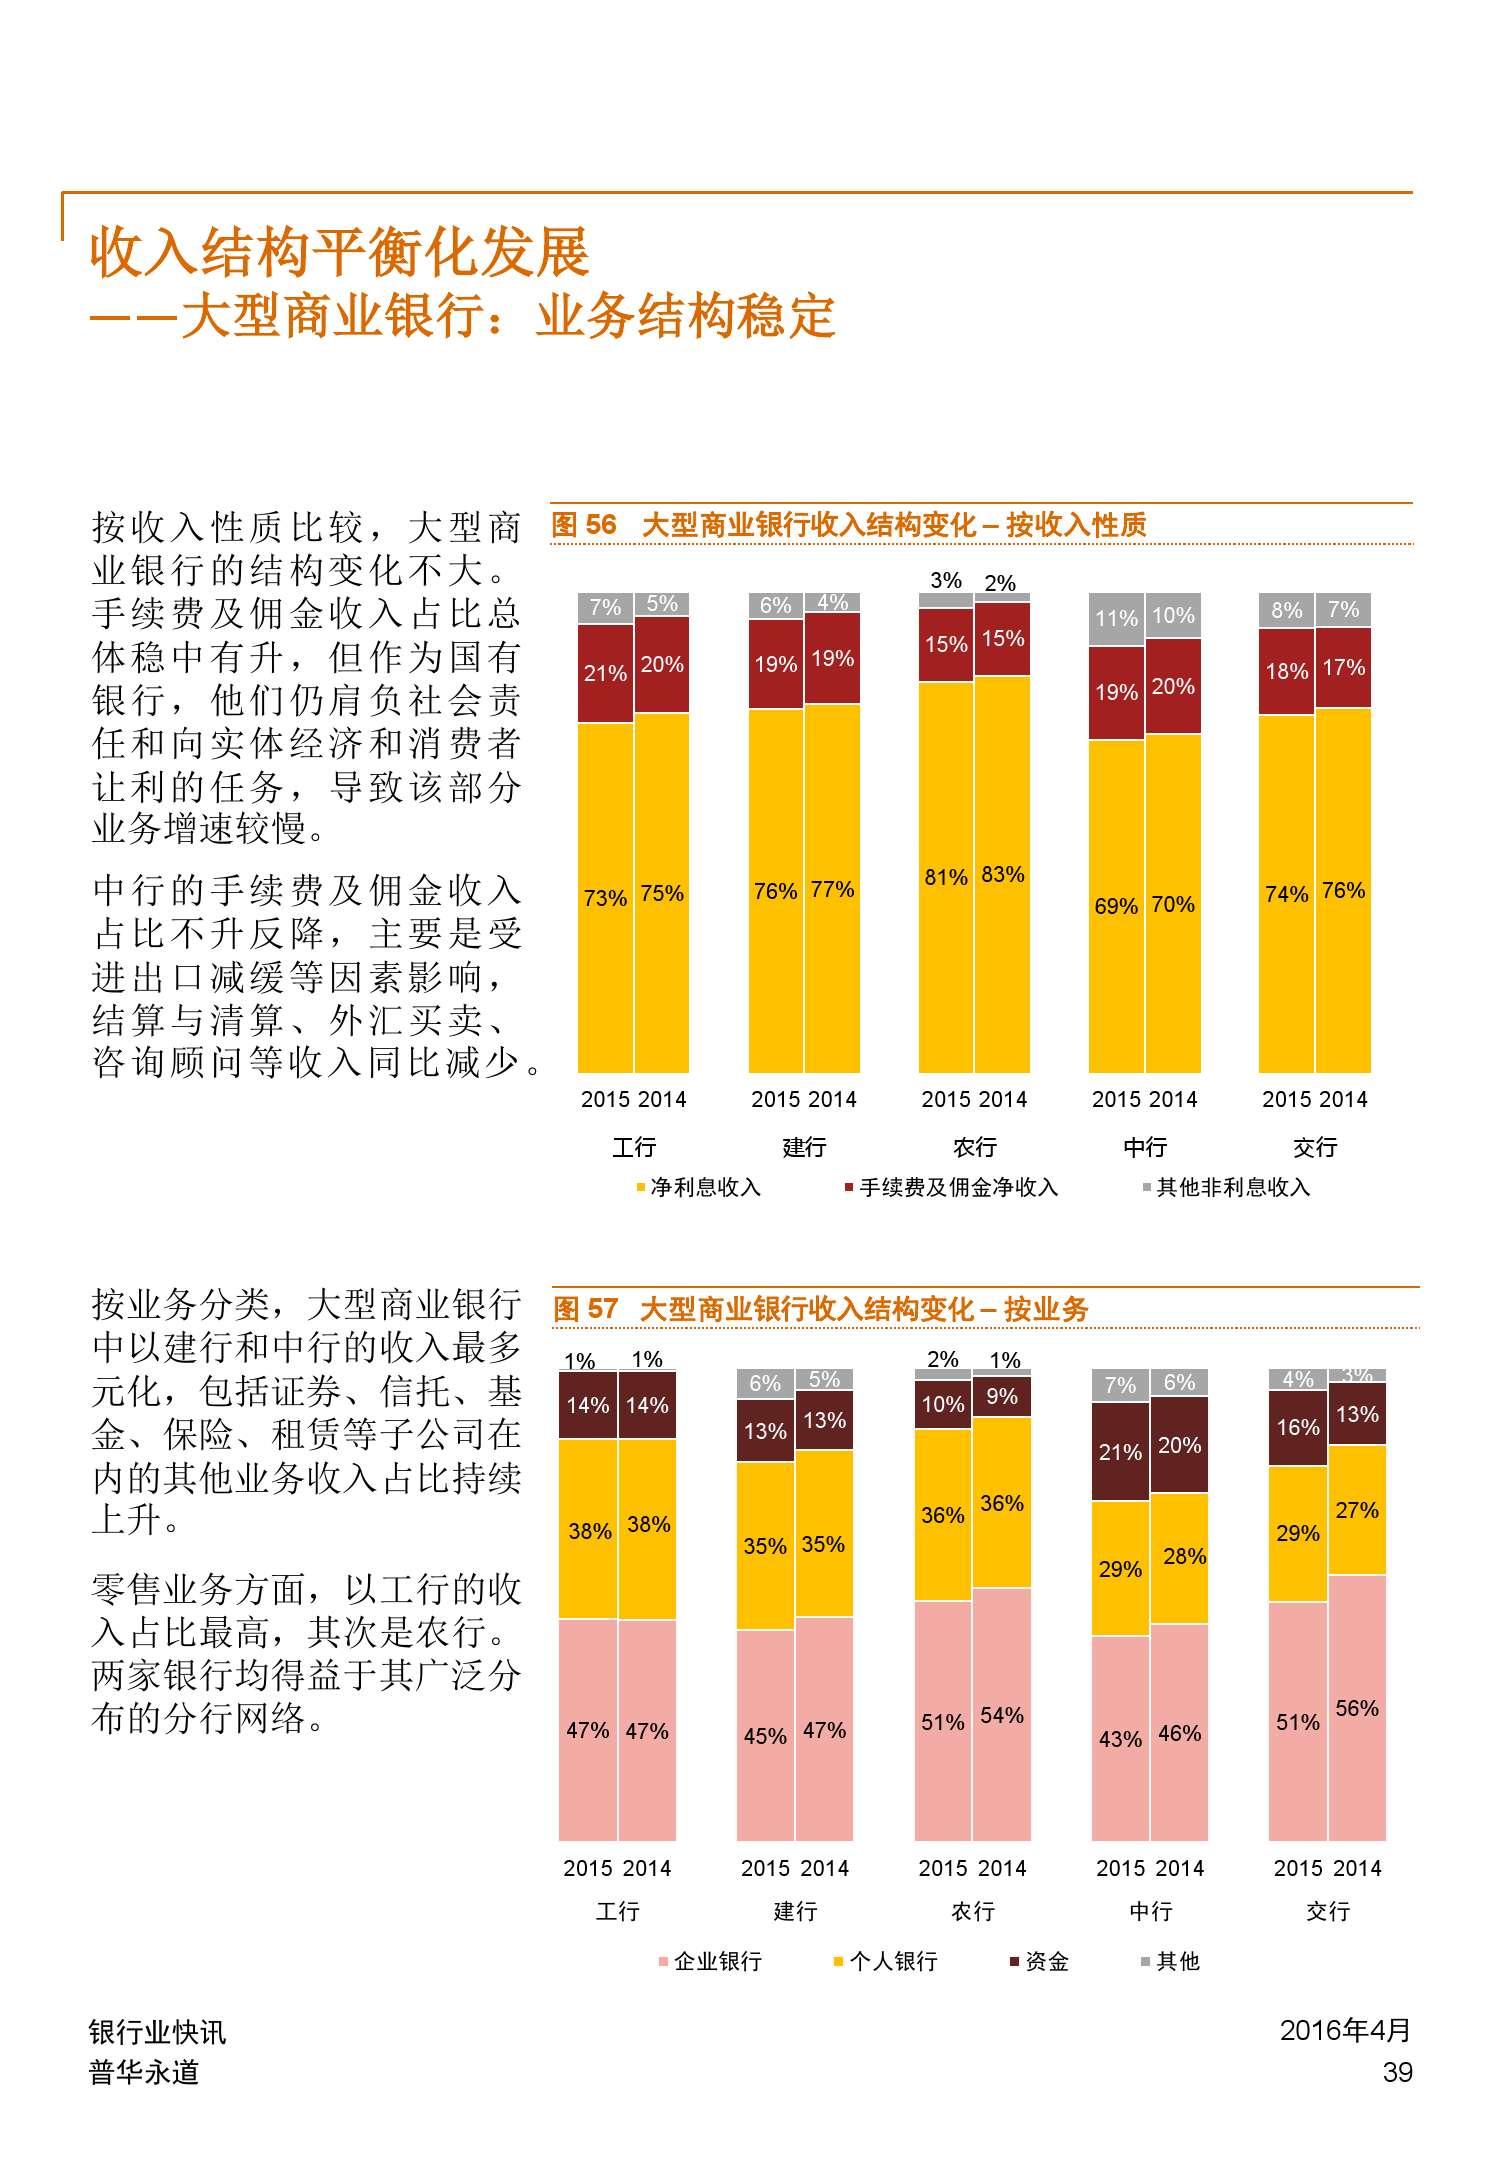 普华永道:2015年中国银行业回顾与展望_000039